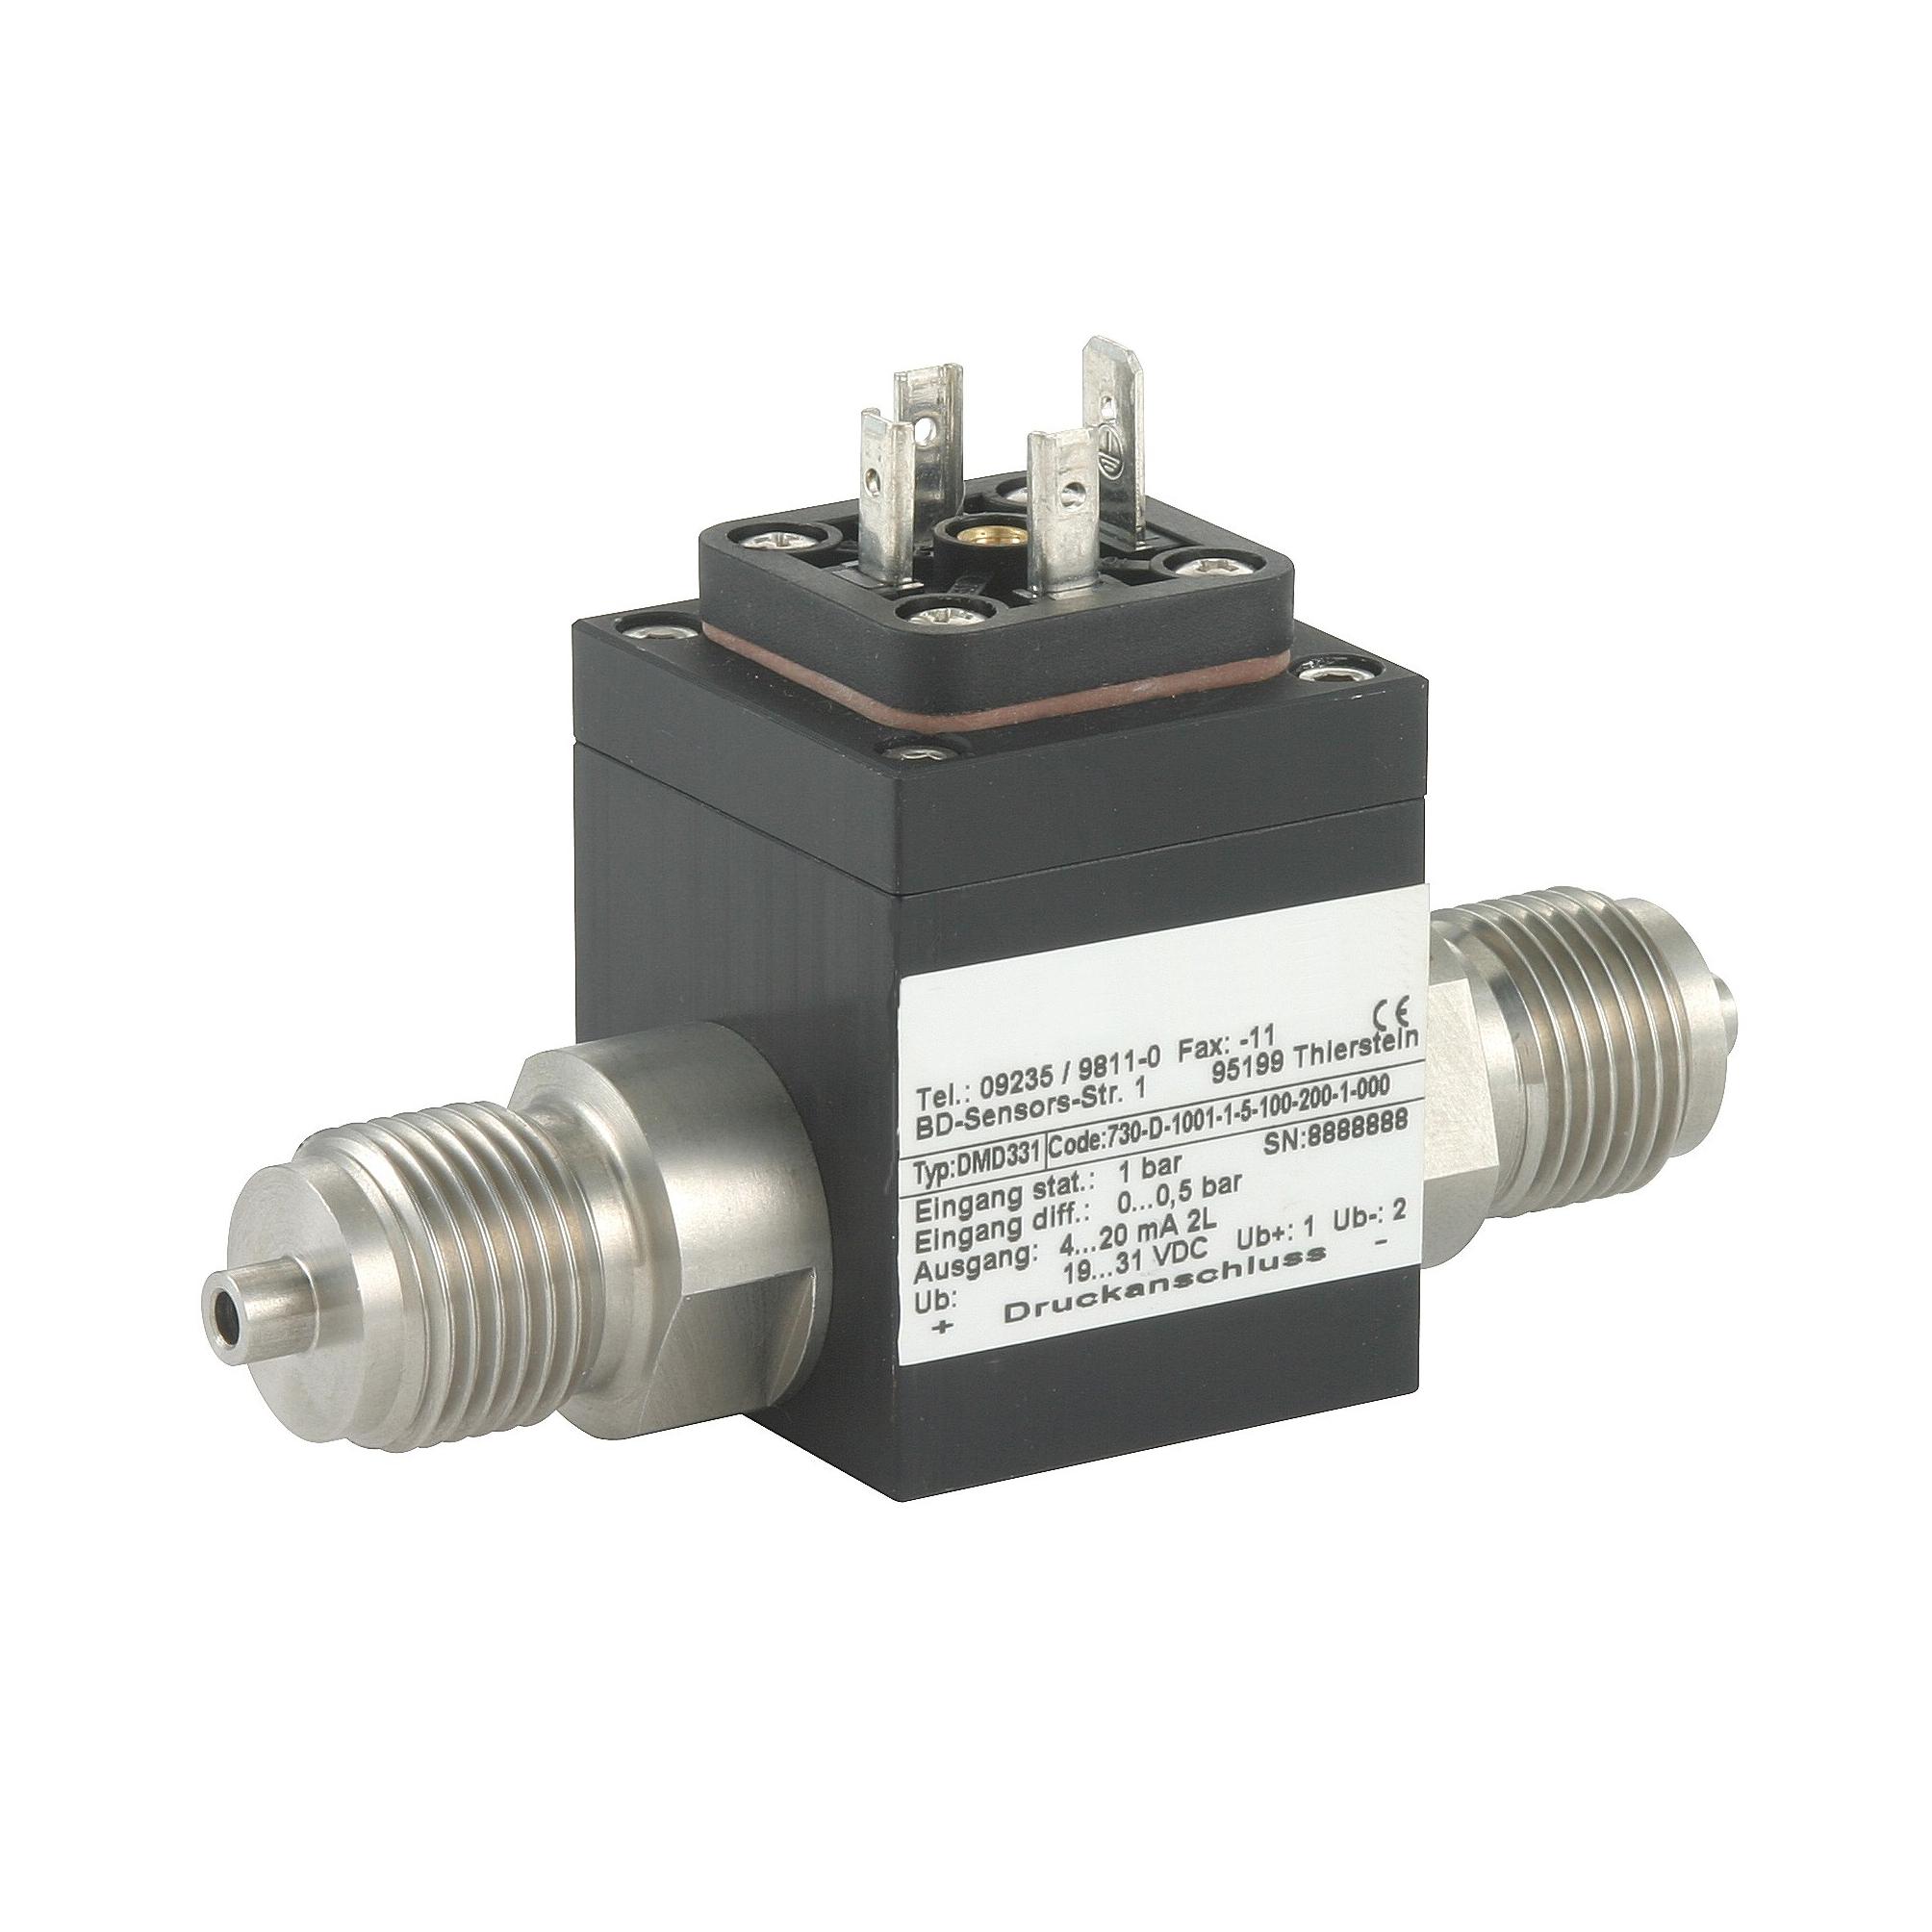 DMD-331 датчик дифференциального давления (перепада)